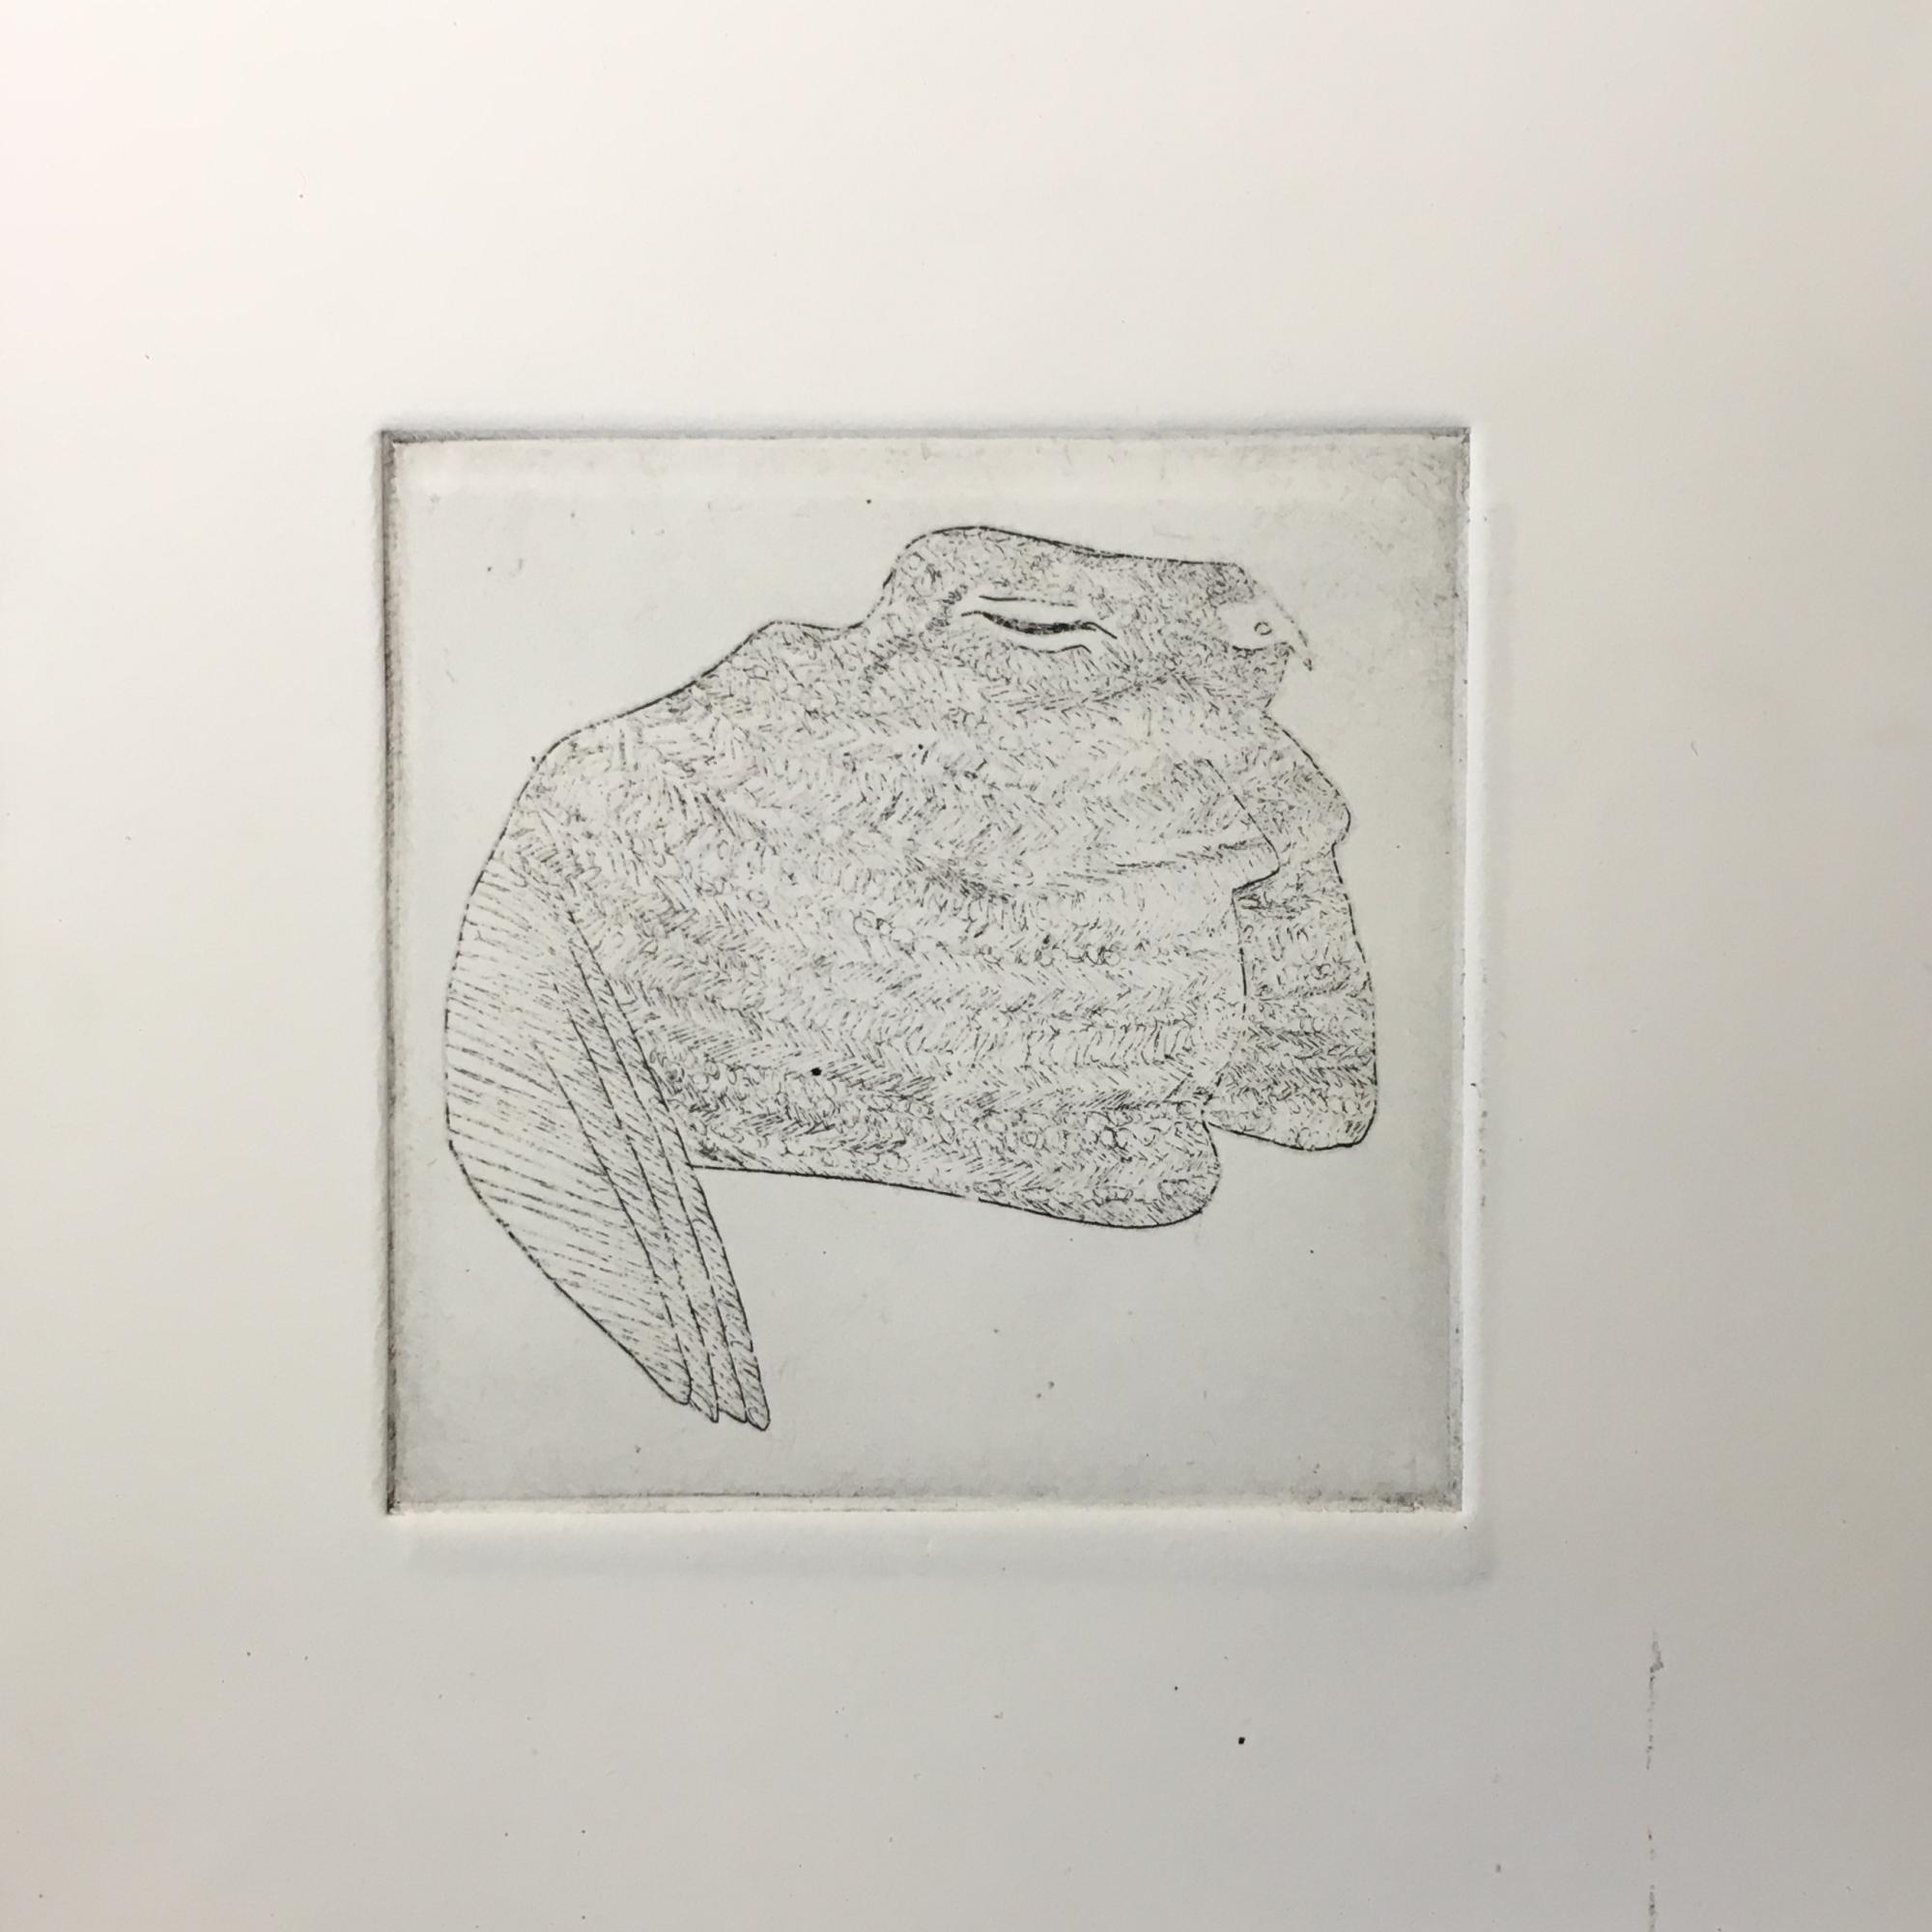 (c) Confais L'Engoulevent de Nuttall La Chauve Souris Eau Forte 10x10 imprimé sur papier Hahnemühle 20x20 en 40 exemplaires numérotés et signés